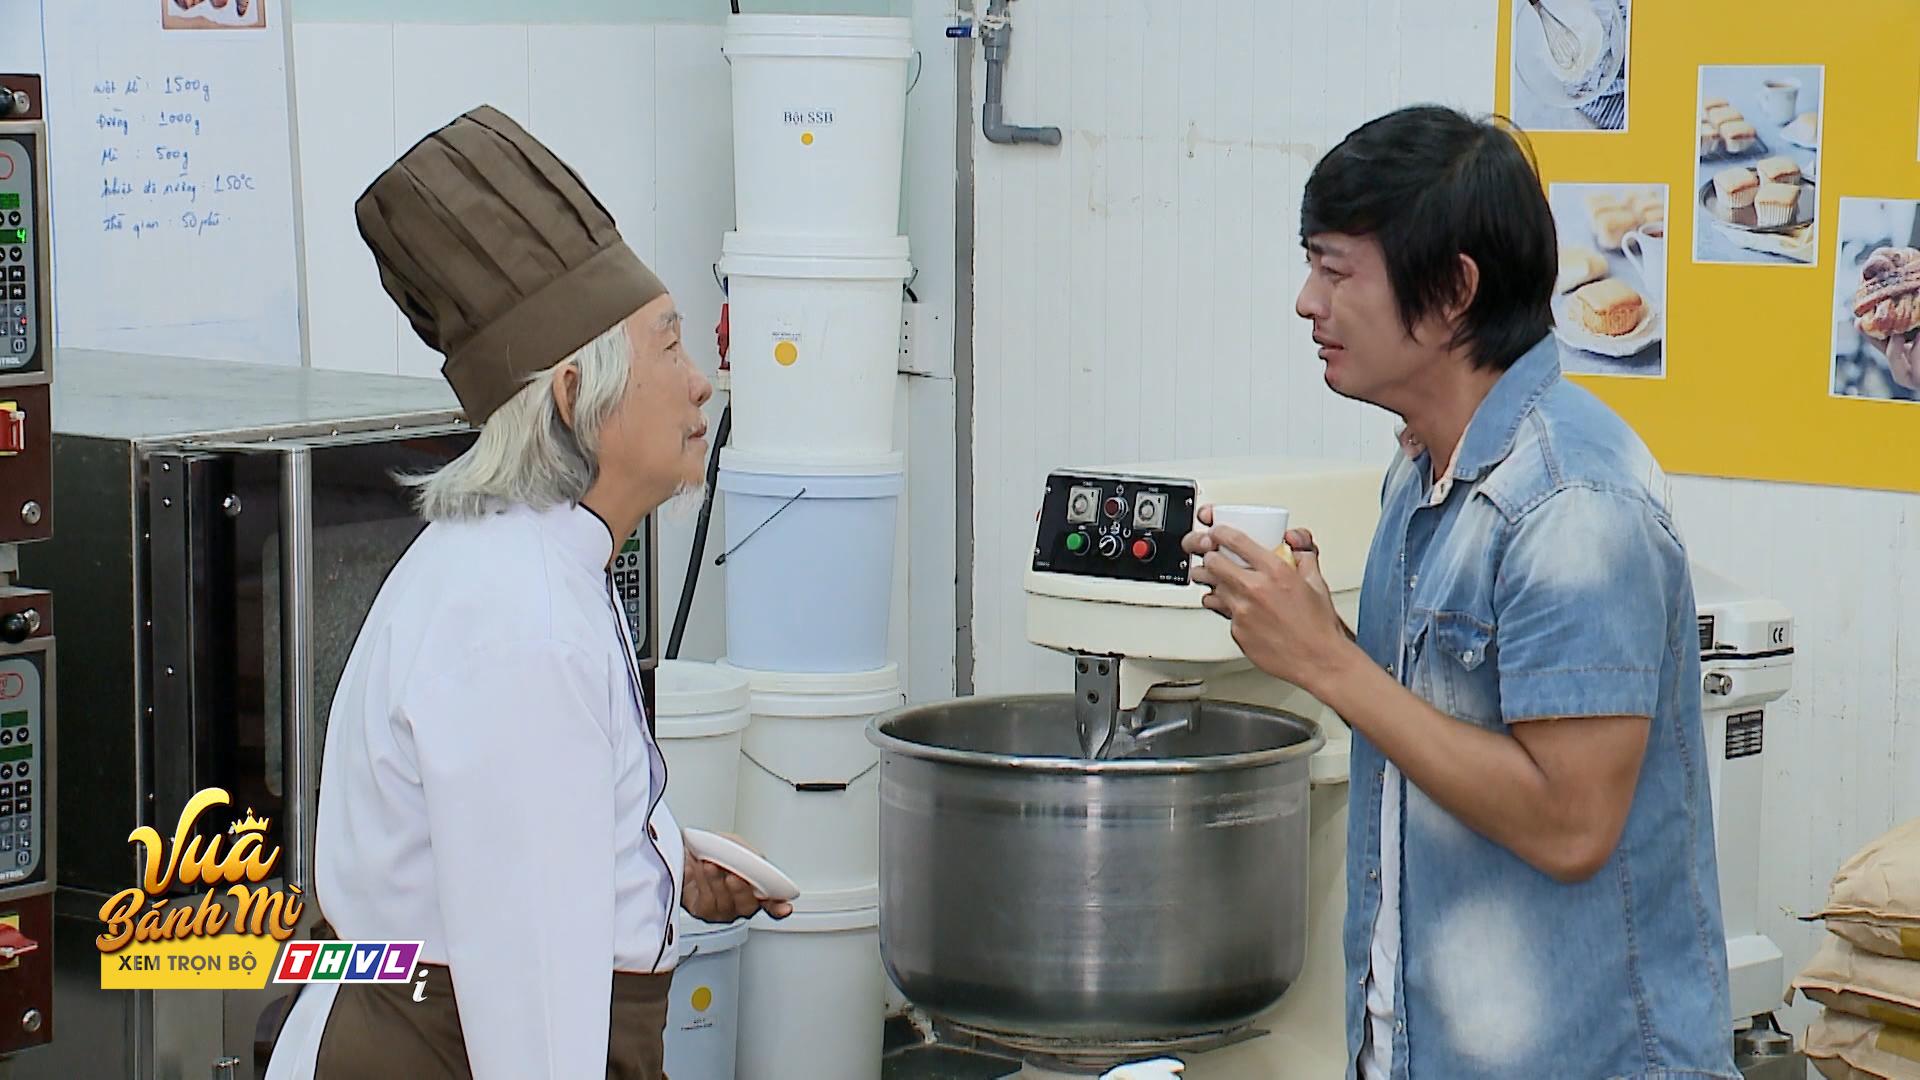 'Vua bánh mì' tập 26: 'Không ai cho lương thiện', Hữu Nguyệnleo rào đột nhập nhà bà Khuê để trả thù 1